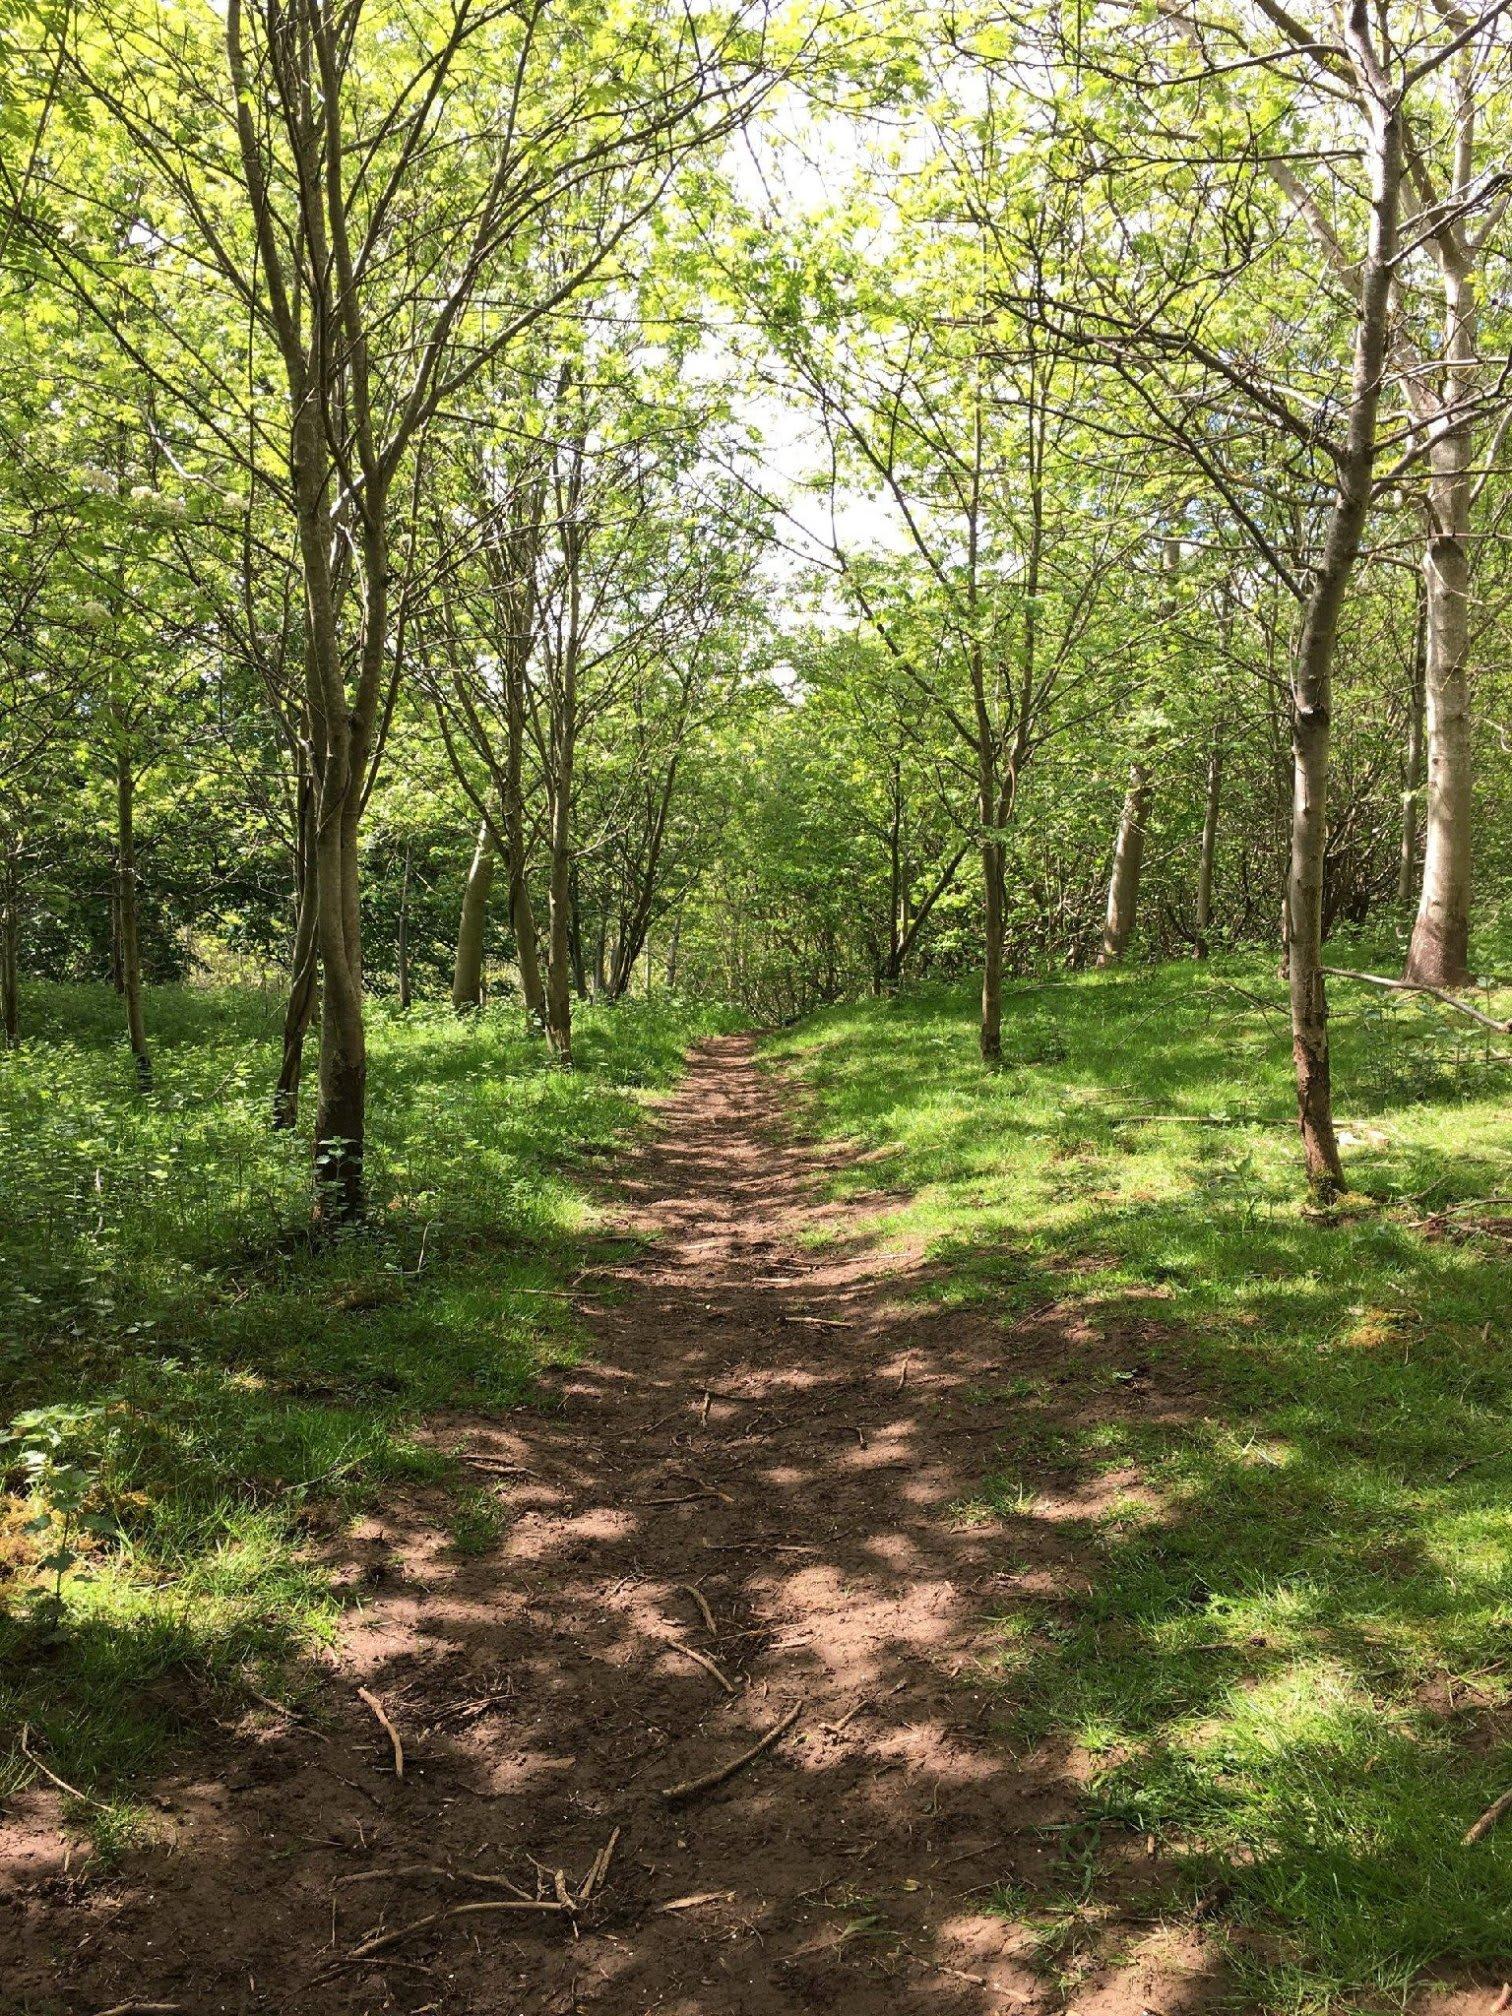 Wensleydale Camping at Aysgarth Falls   Manor Grange Farm Low Lane, Leyburn DL8 4HU   +44 1969 663399